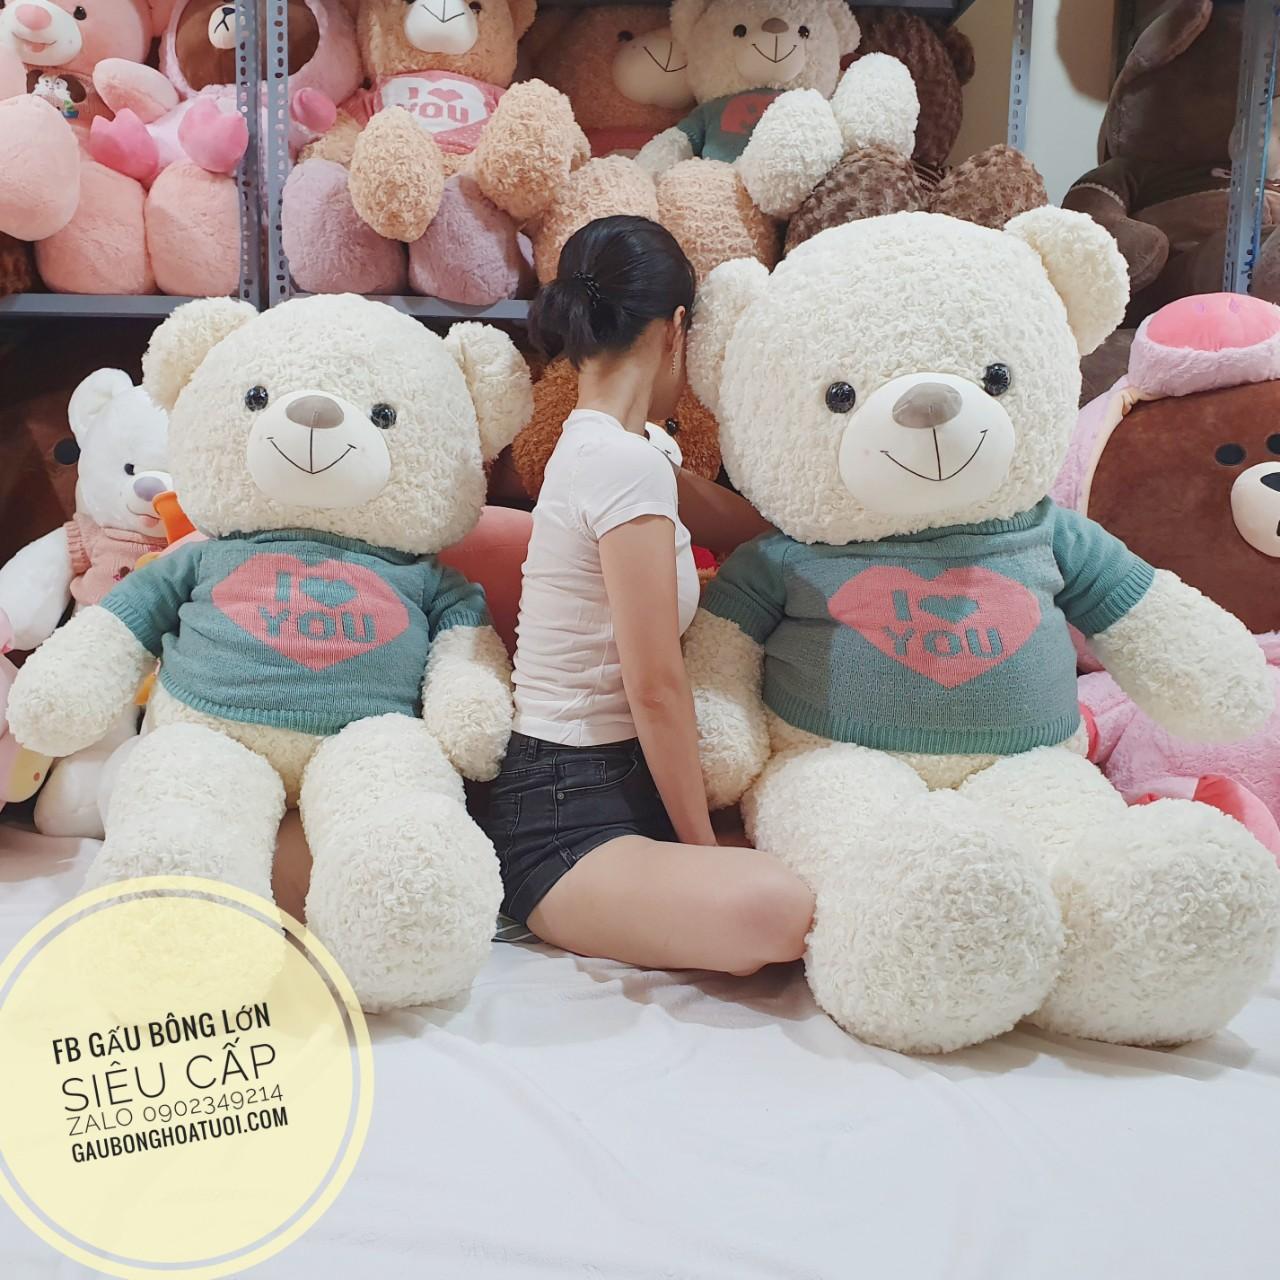 Gấu bông màu trắng xinh xắn i love u 1m7